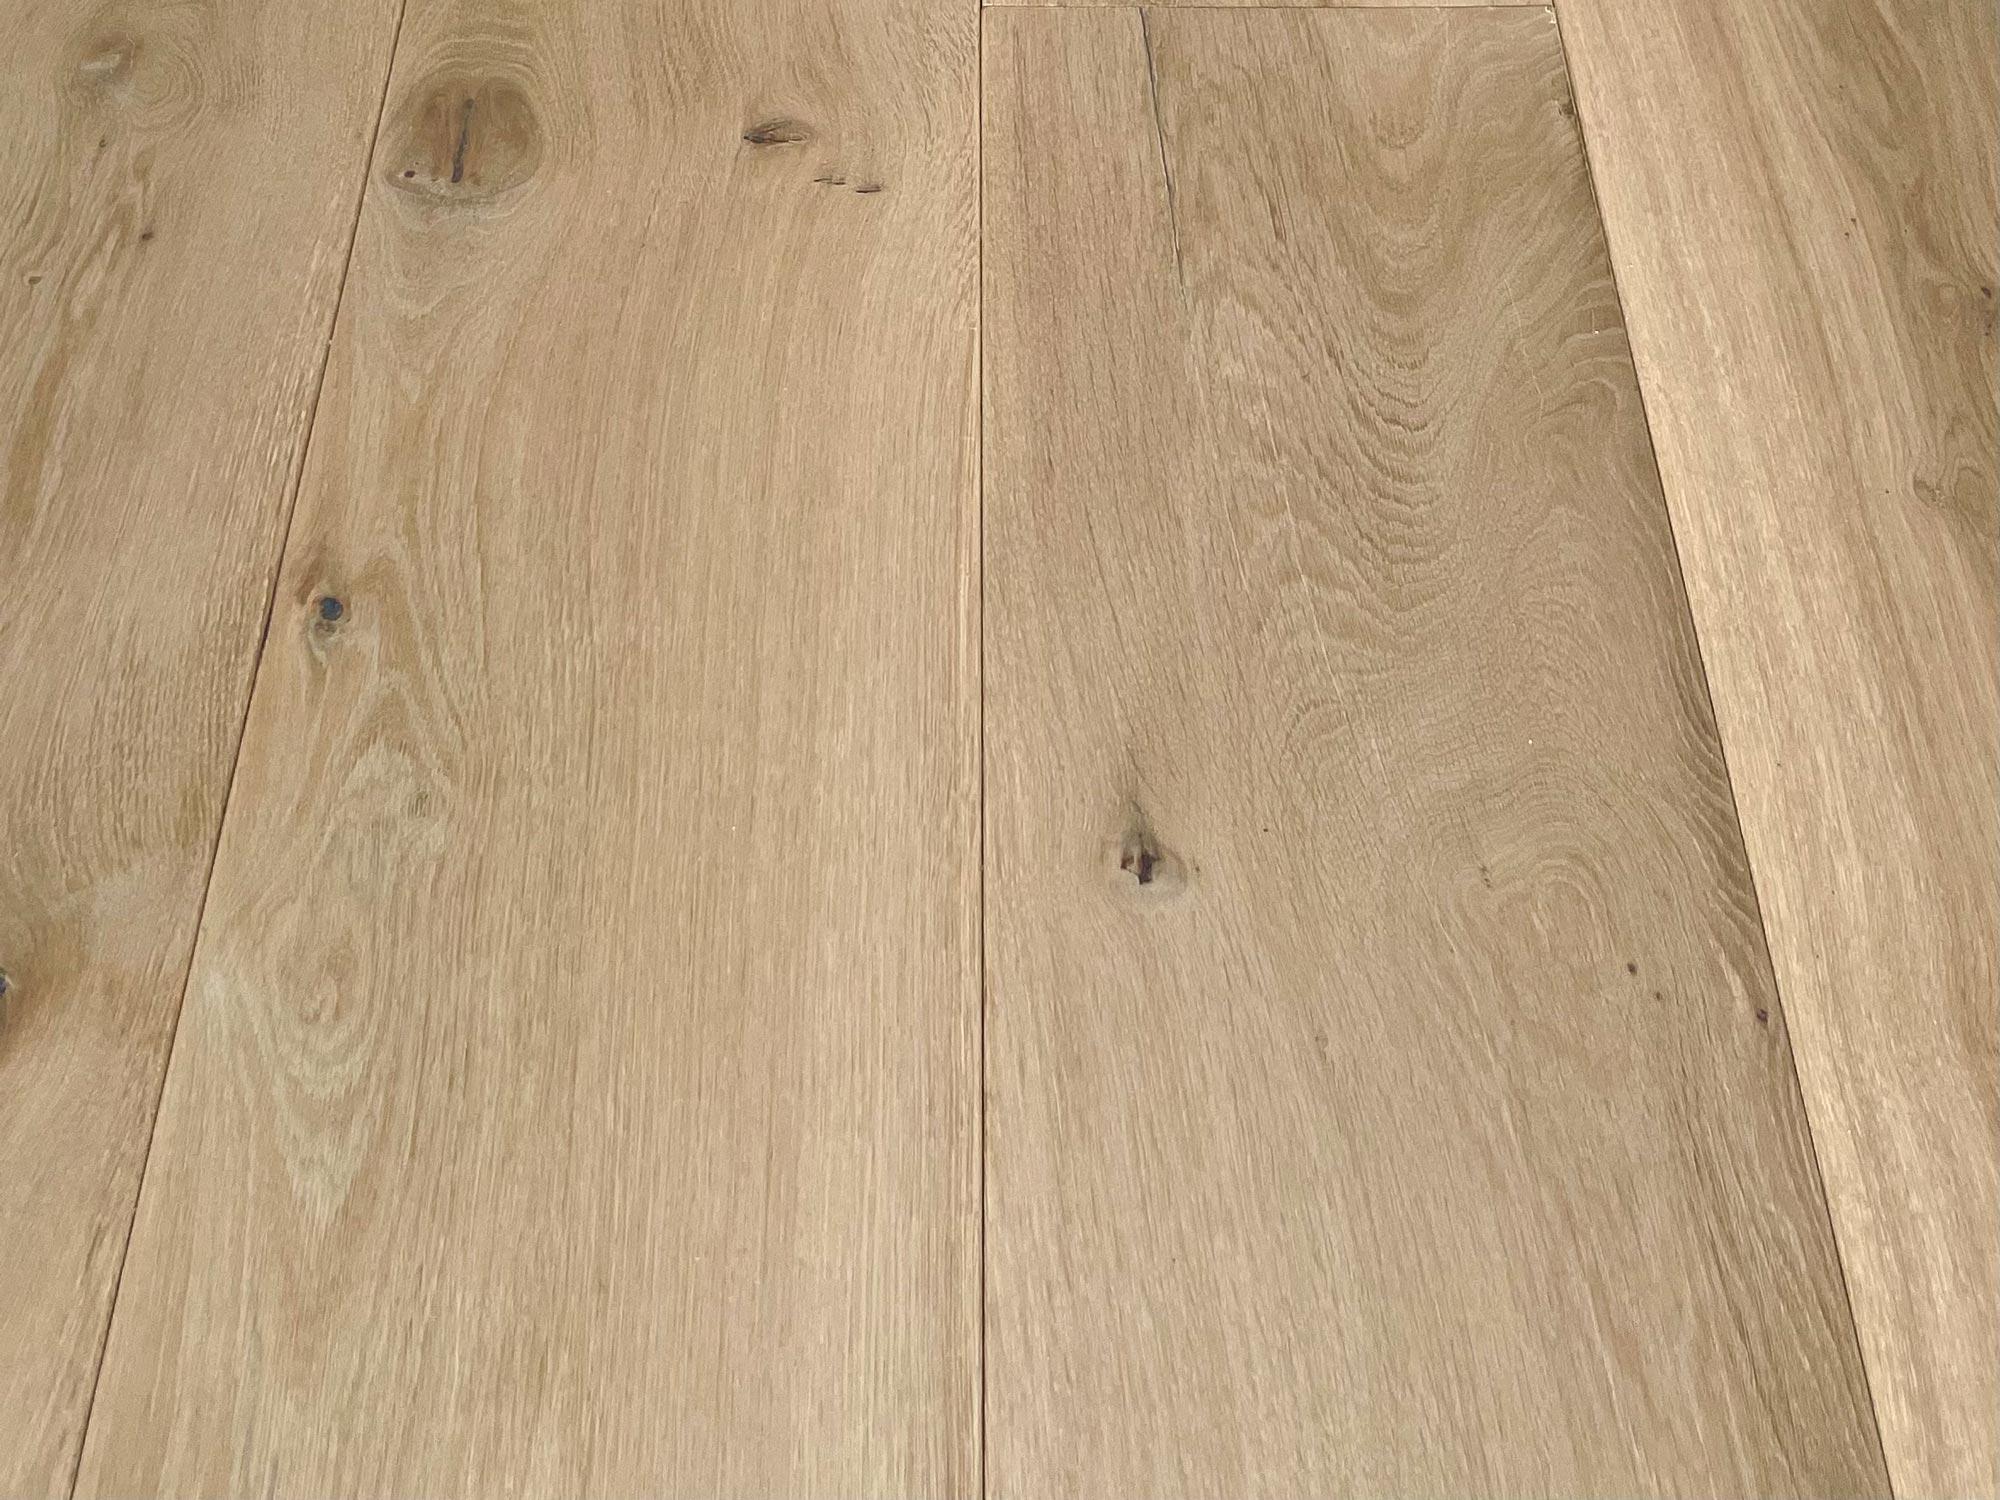 Clean oak floor boards